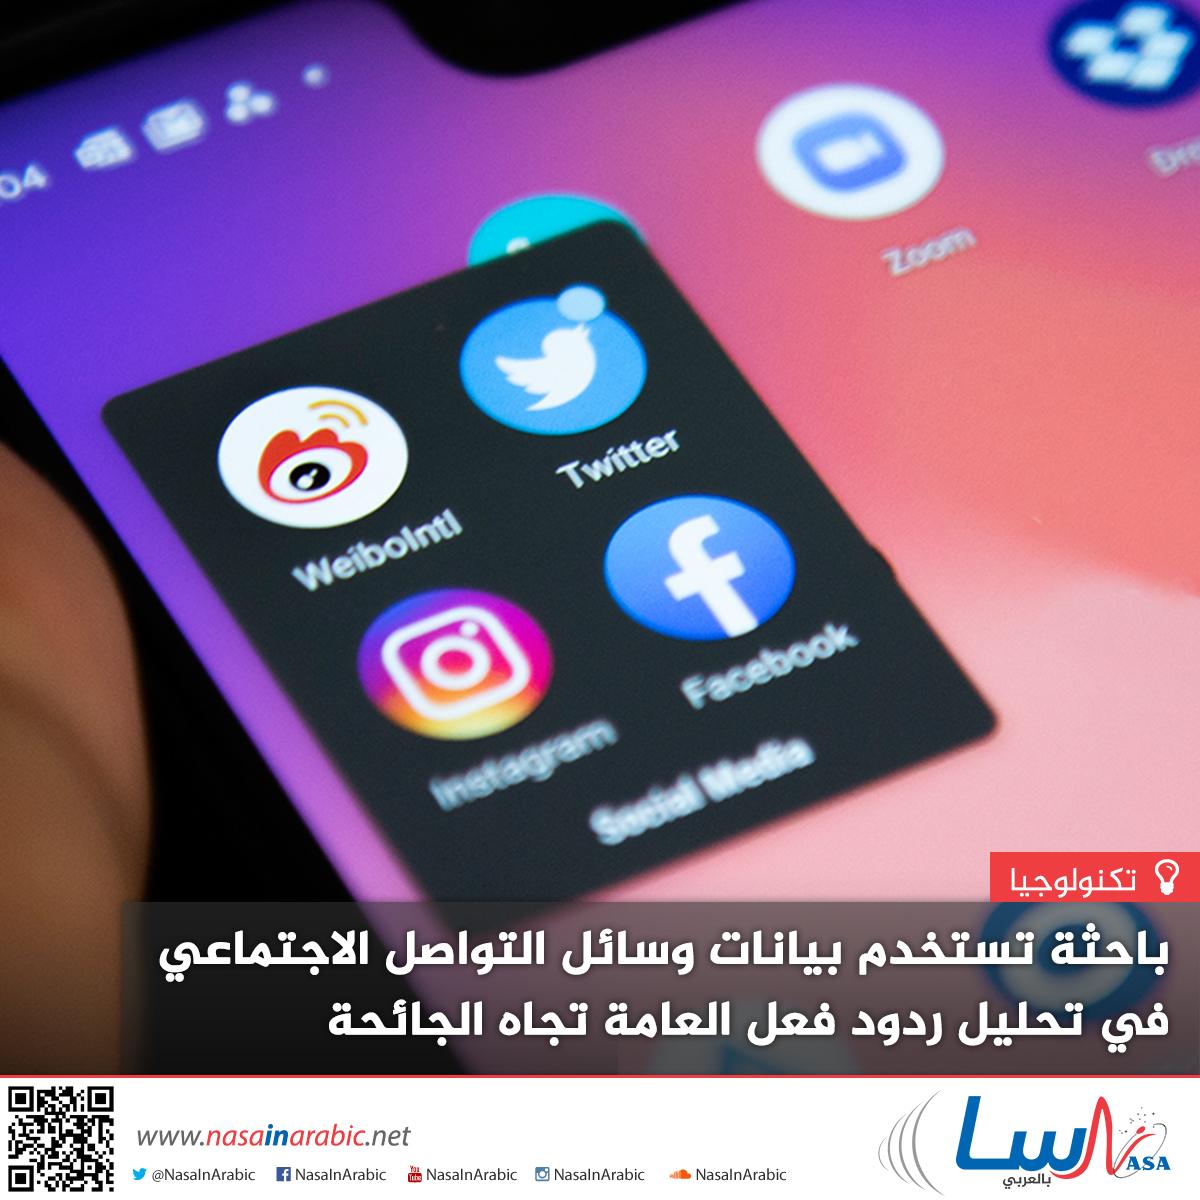 باحثة تستخدم بيانات وسائل التواصل الاجتماعي في تحليل ردود فعل العامة تجاه الجائحة